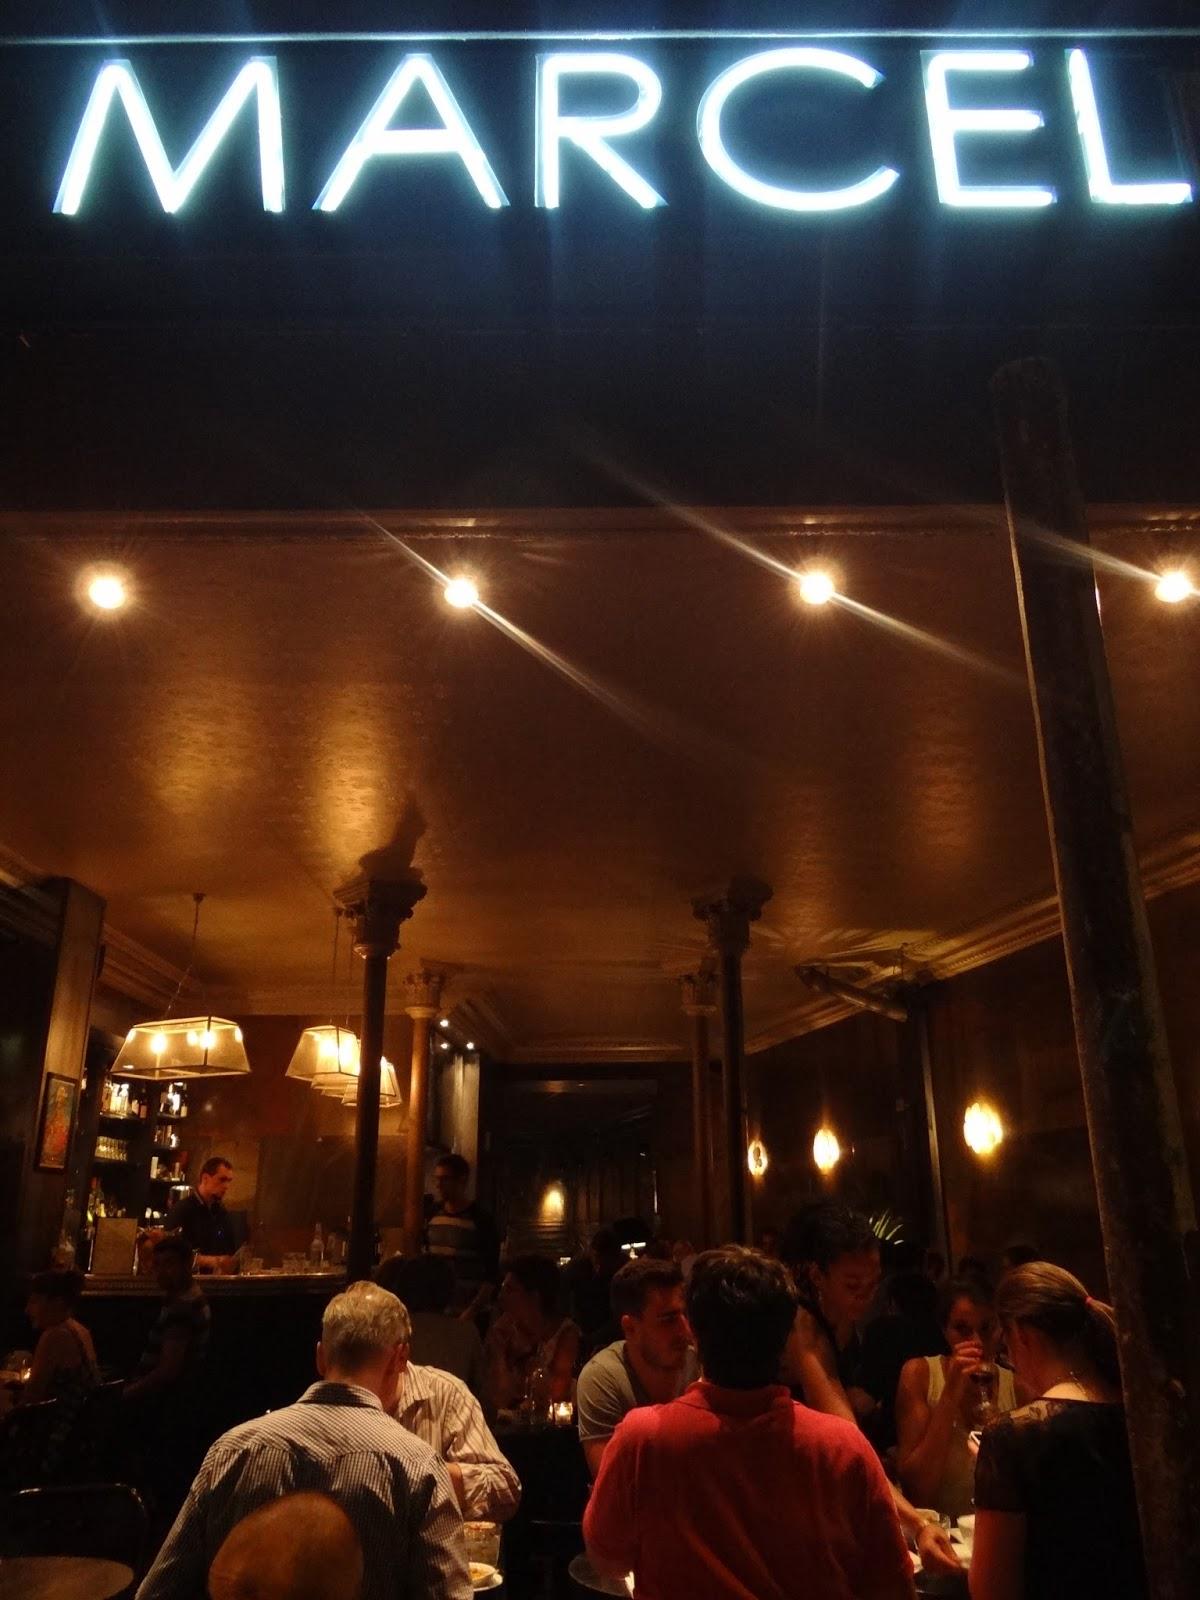 restaurant marcel l 39 indien chic du canal saint martin bons plans sorties paris. Black Bedroom Furniture Sets. Home Design Ideas